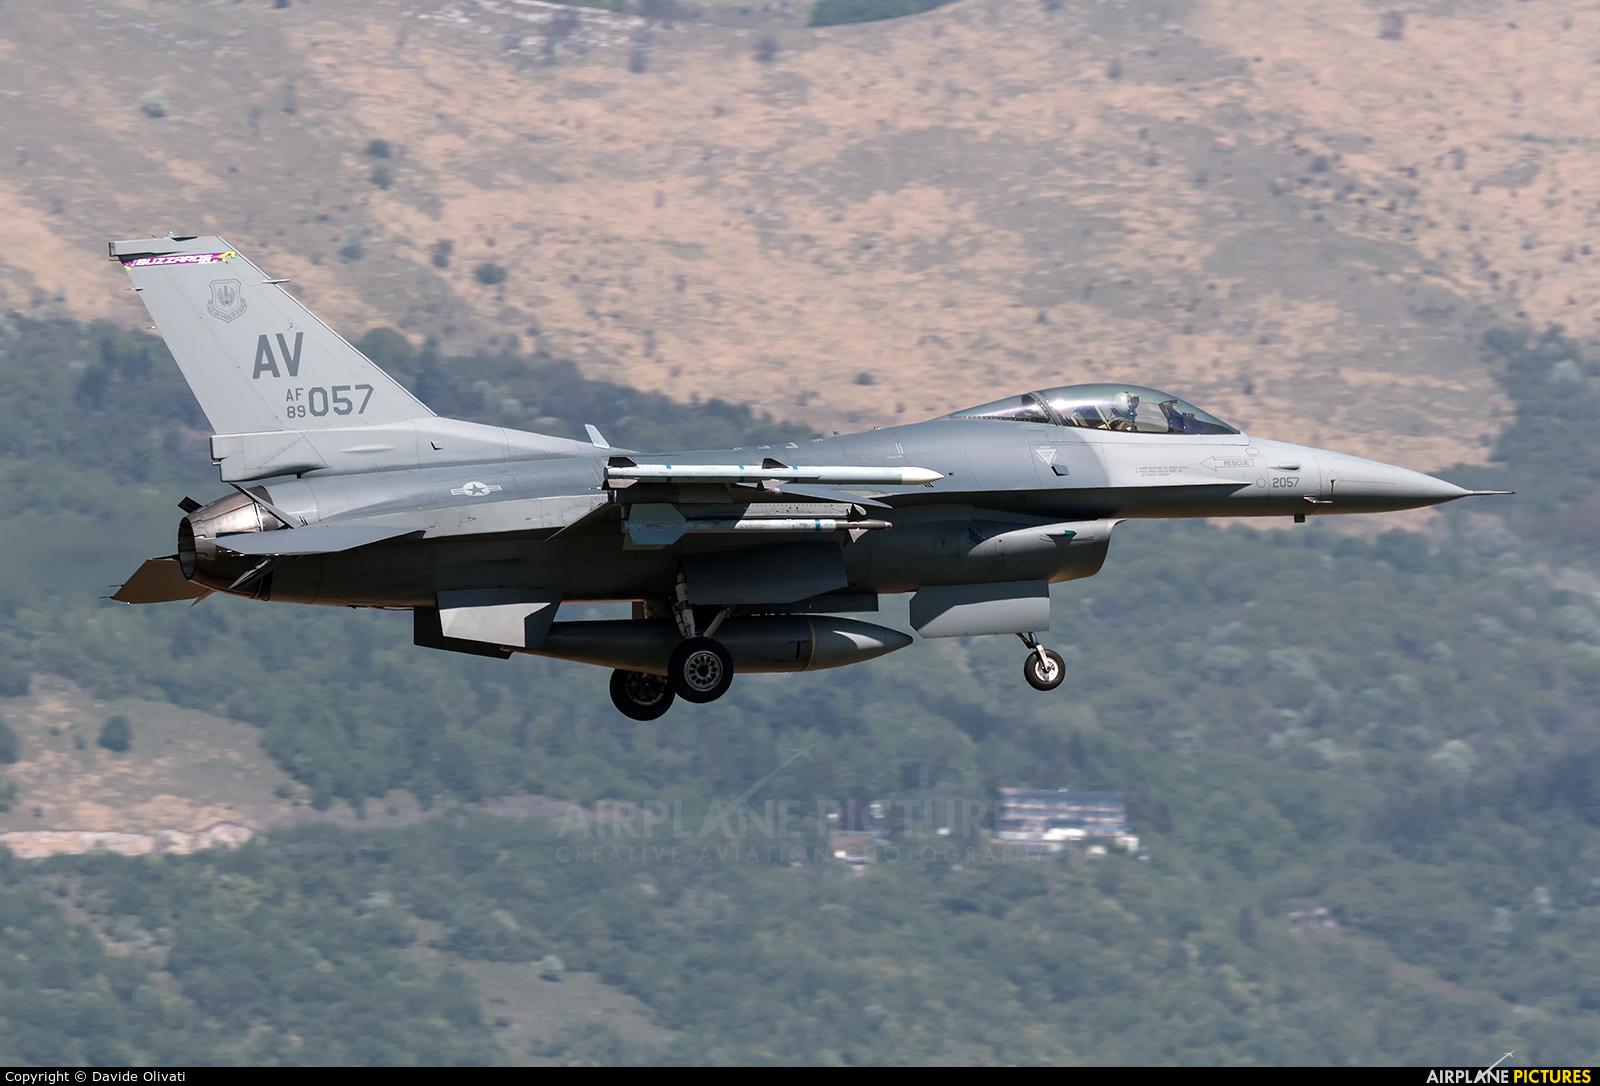 USA - Air Force 88-2057 aircraft at Aviano